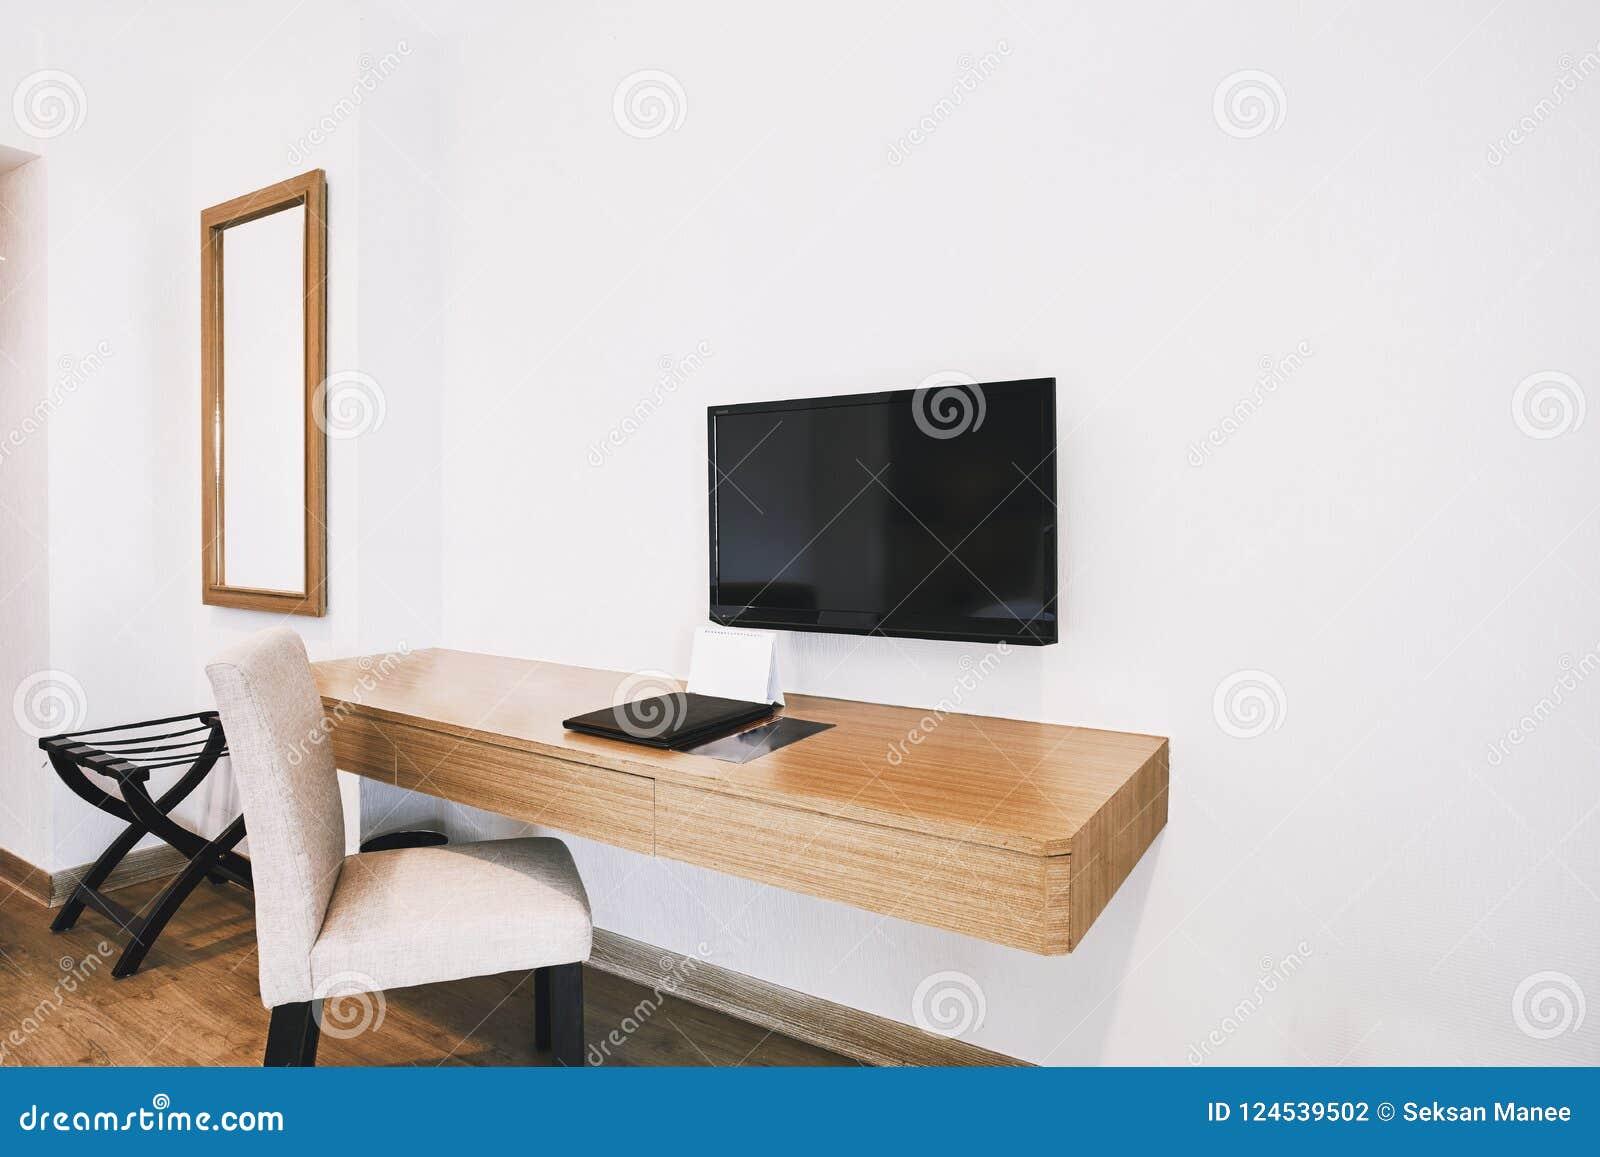 Meubles intégrés dans la salle moderne d appartement d hôtel avec la chaise, miroir